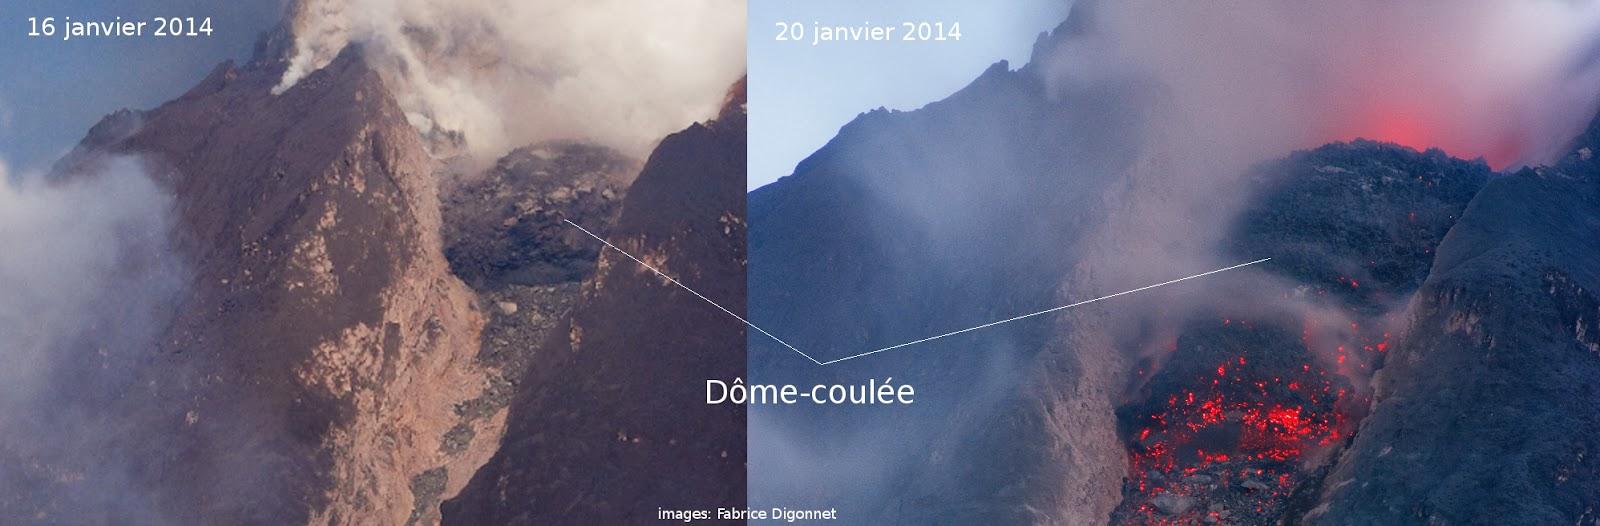 Coulée visqueuse du volcan Sinabung, 16 et 20  janvier 2014